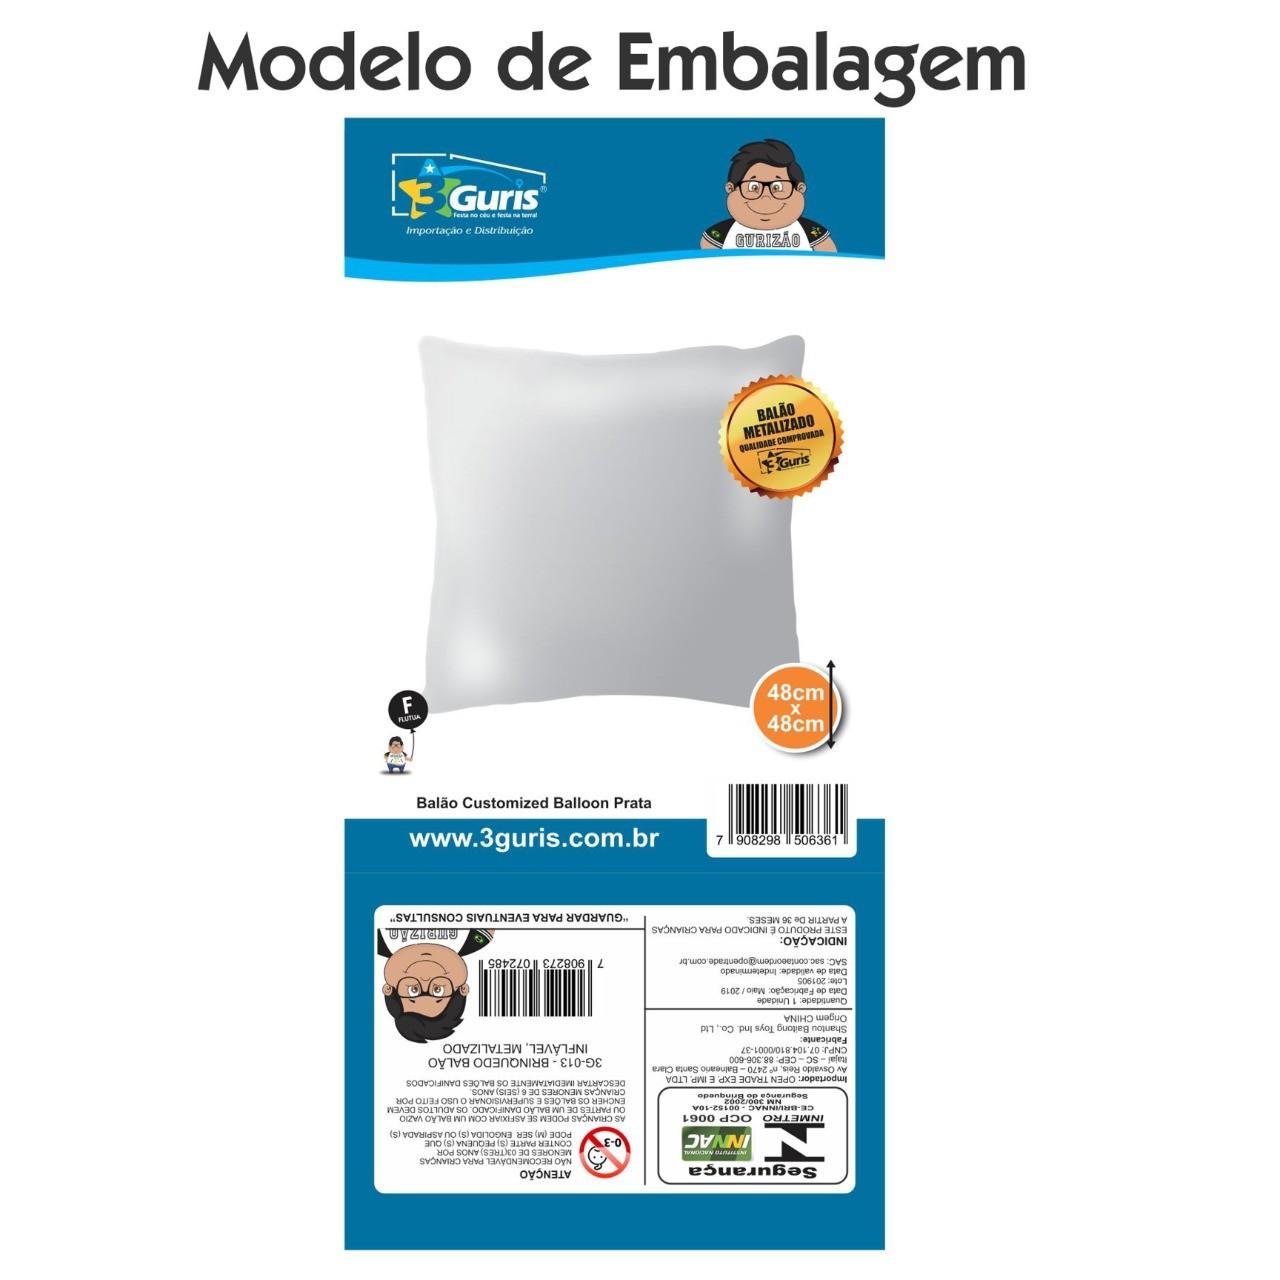 BALÃO CUSTOMIZED BALLOON BRANCO - UNIDADE